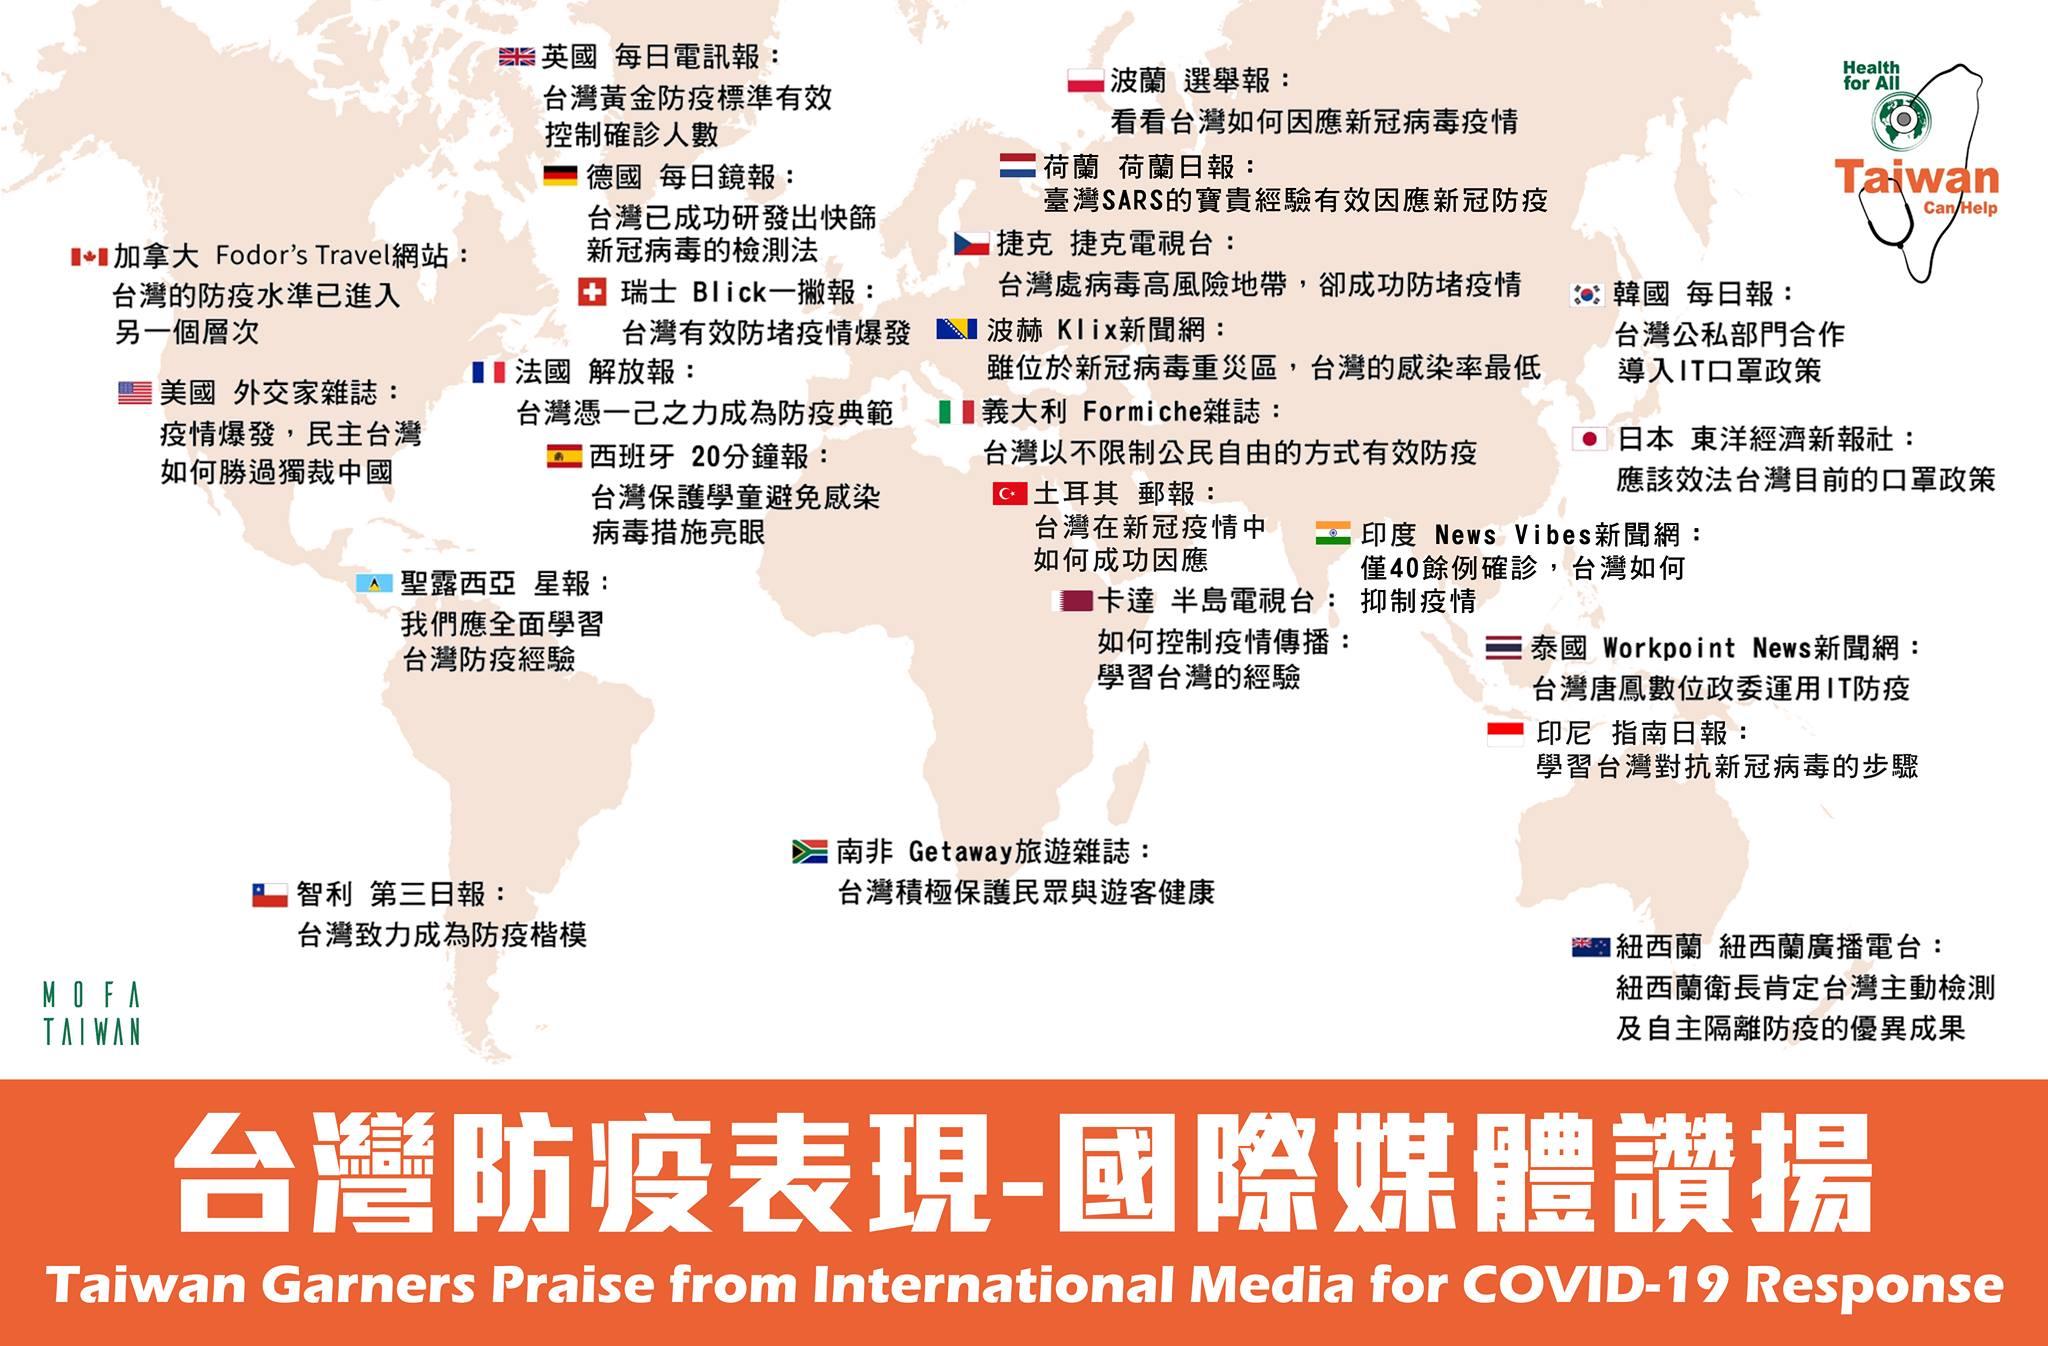 台灣防疫表現國際媒體讚揚世界圖表